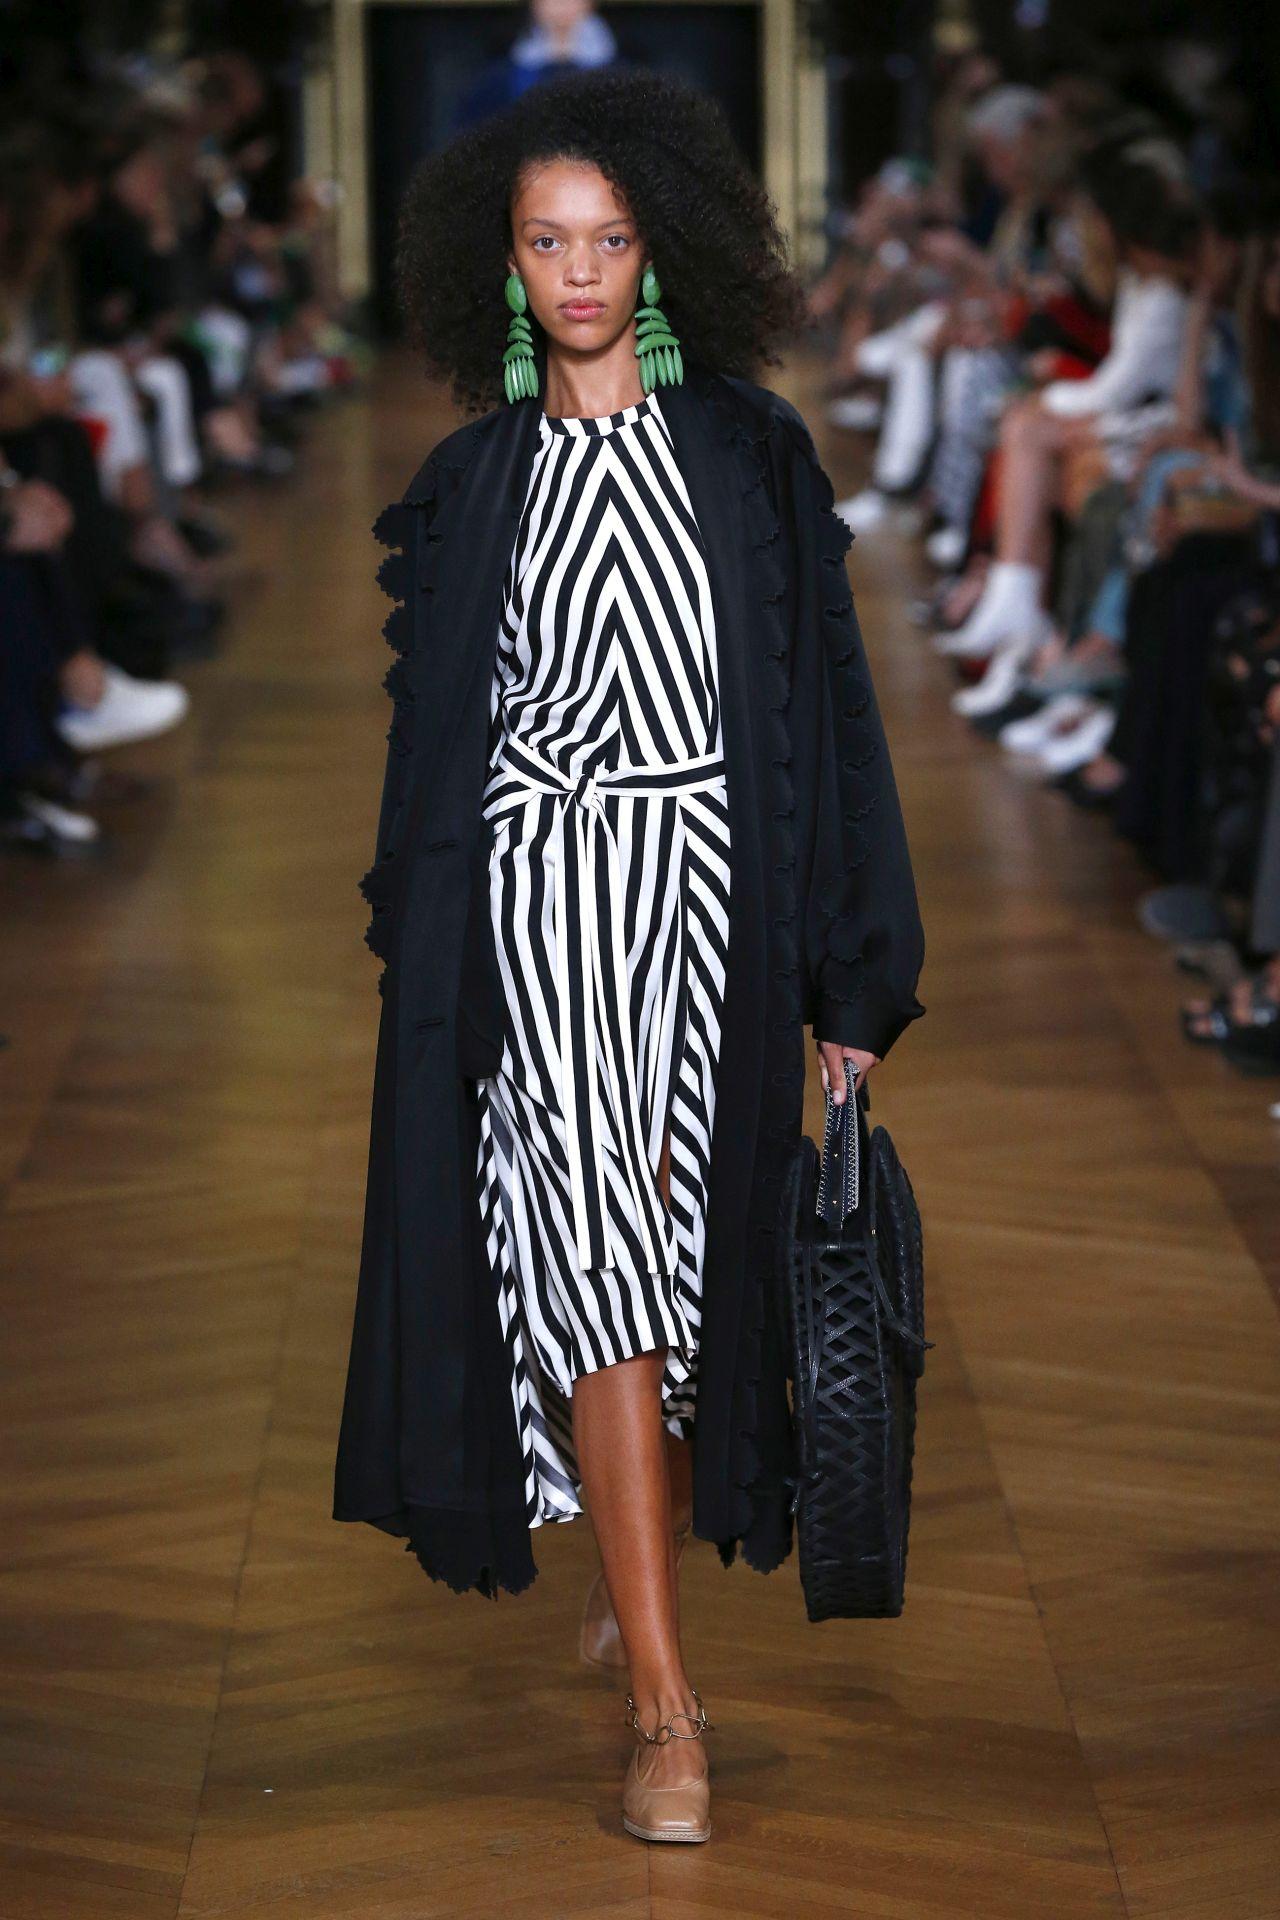 Női cipő 2019 2020: divat trendek és trendek, fotók > Divat